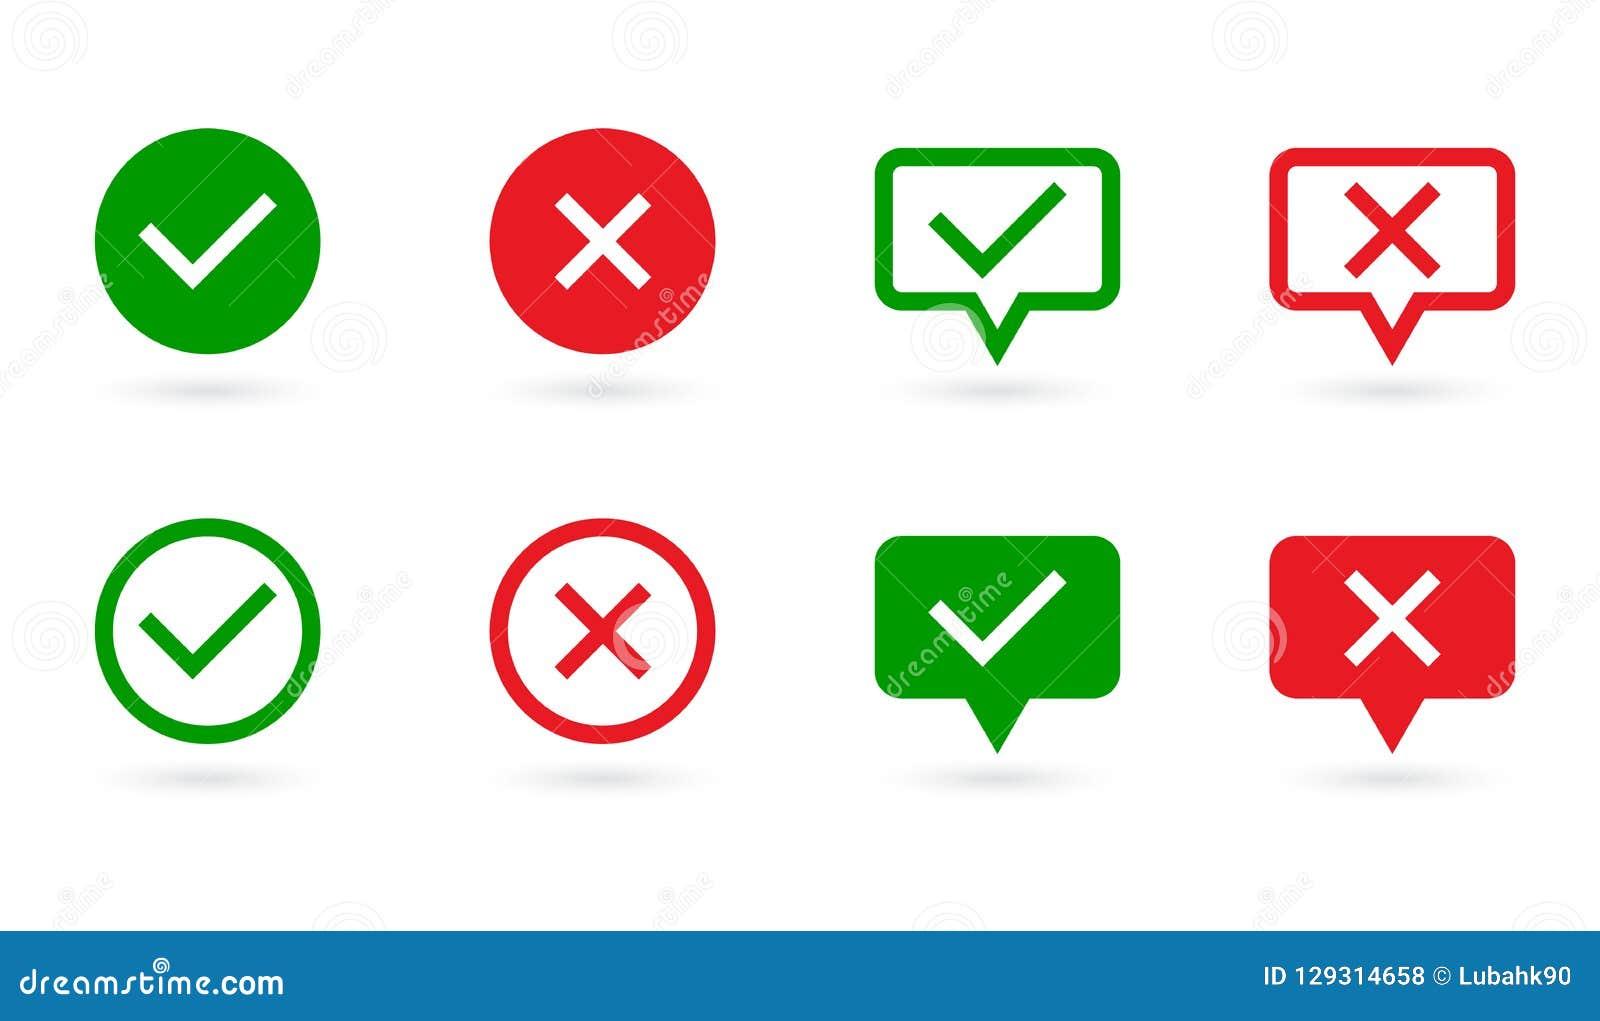 Σημάδια ελέγχου καθορισμένα Πράσινος κρότωνας και Ερυθρός Σταυρός στη μορφή λεκτικών φυσαλίδων και κύκλων Ναι ή όχι σύμβολο Έννοι